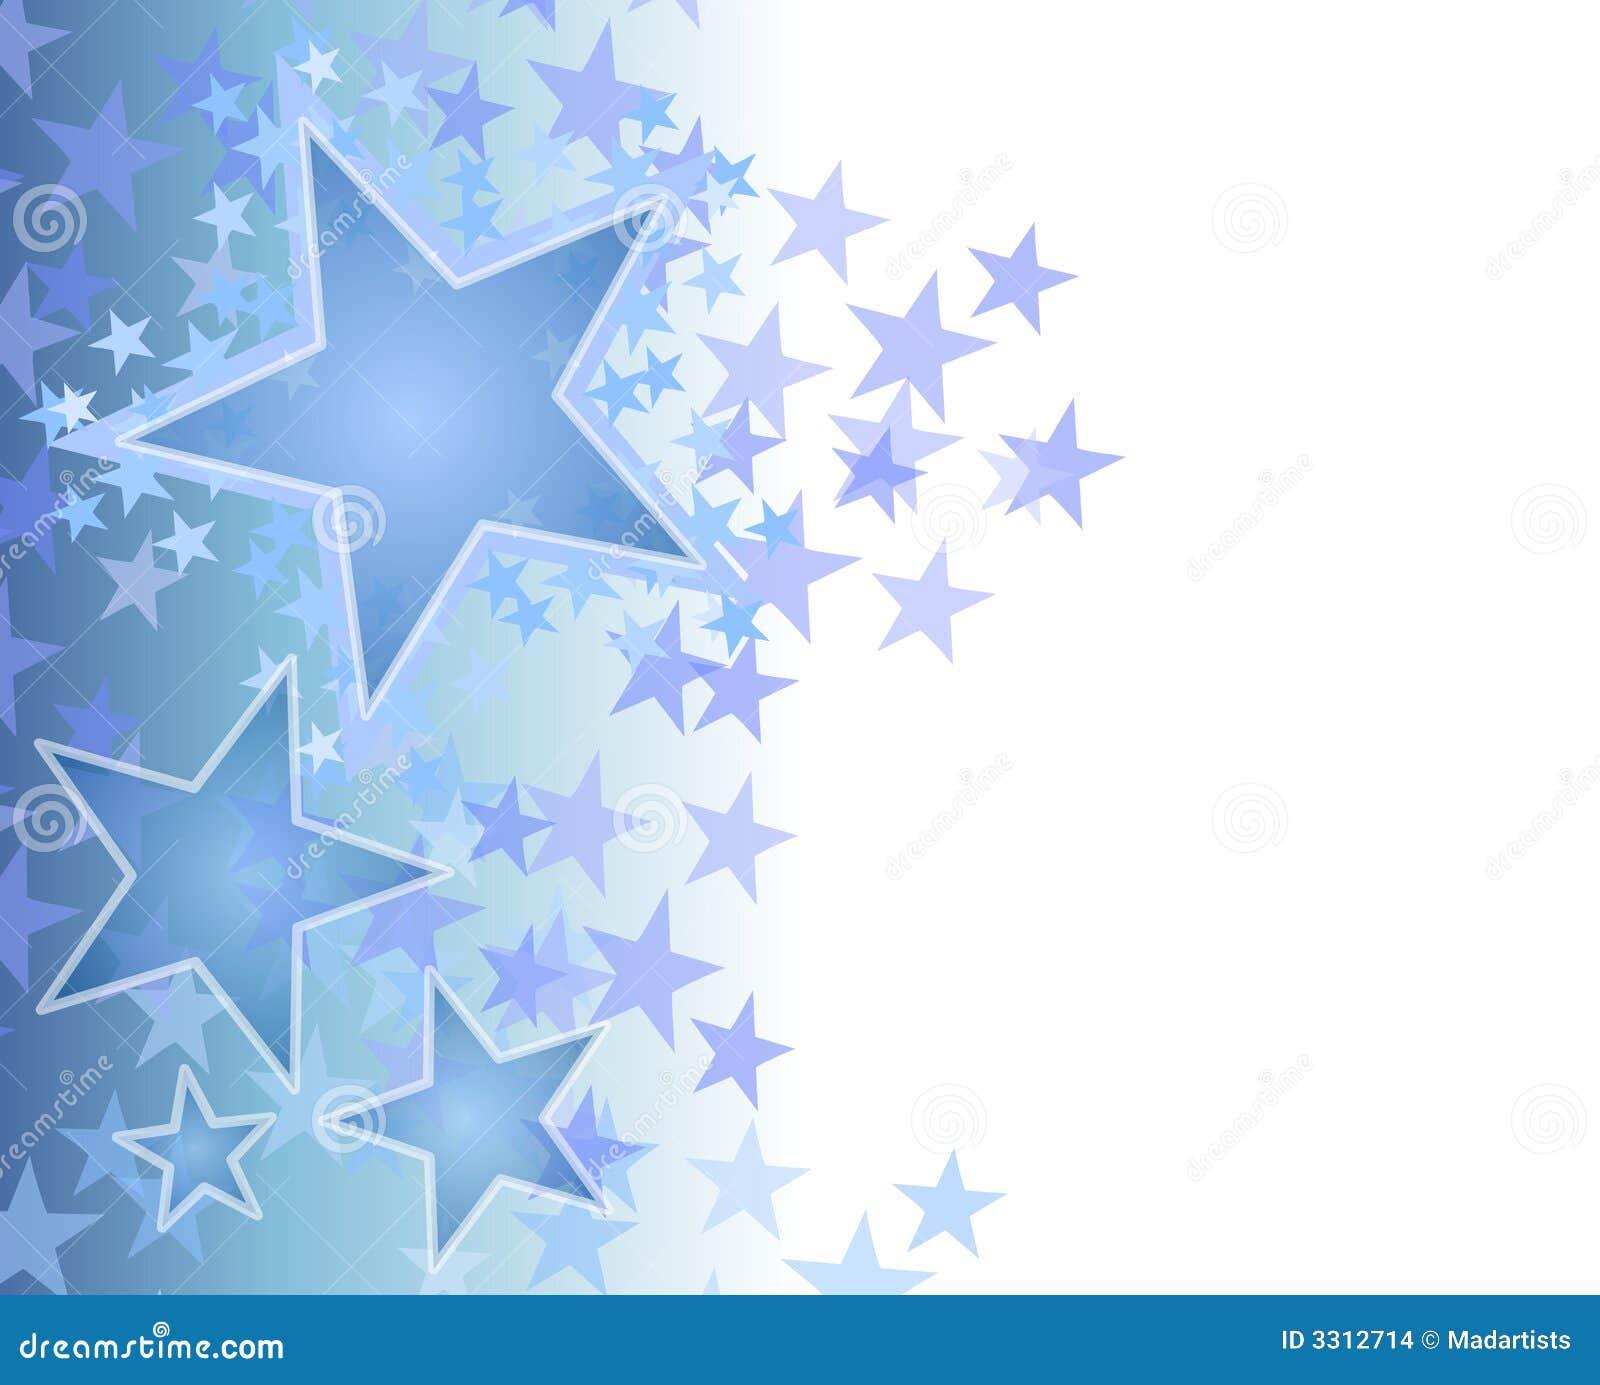 Fondo de descoloramiento azul de las estrellas